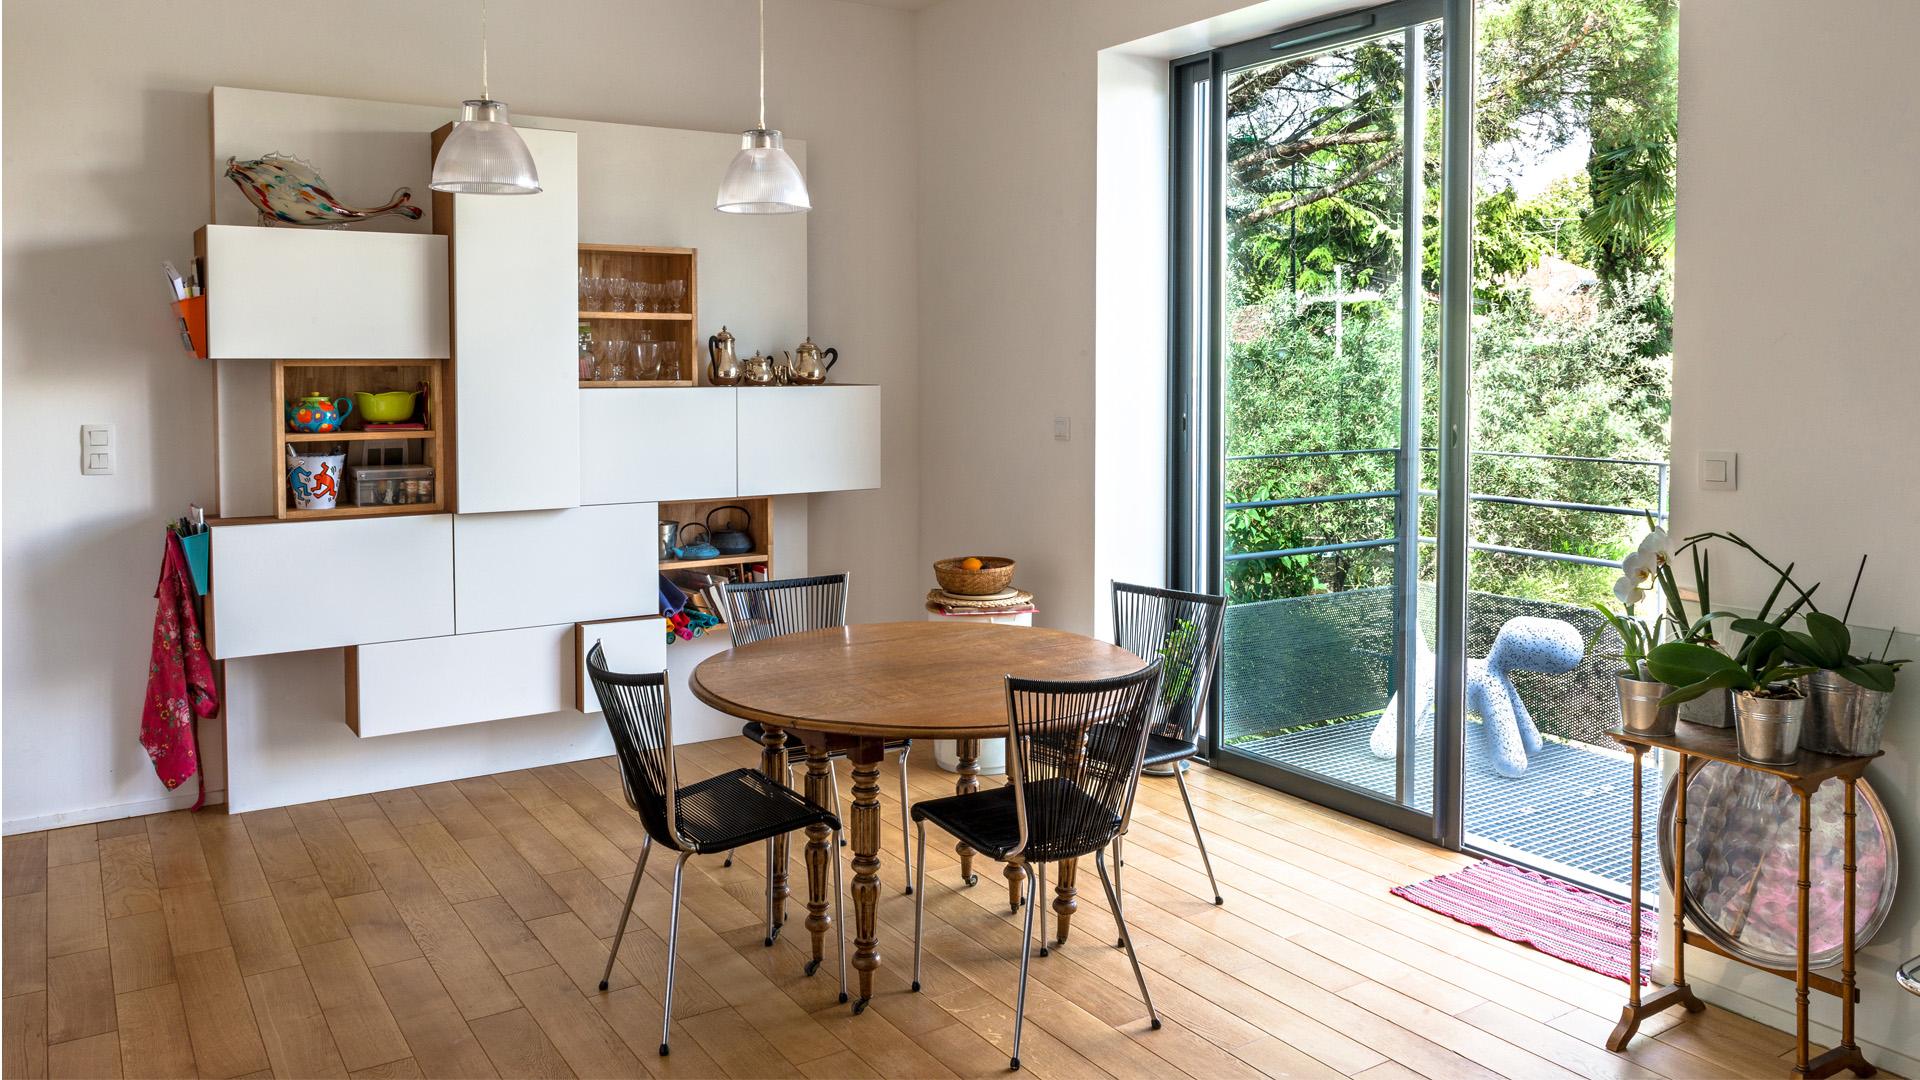 03-Seuil-Architecture-maison-G-crédit-Ph.-Stéphane-Brugidou